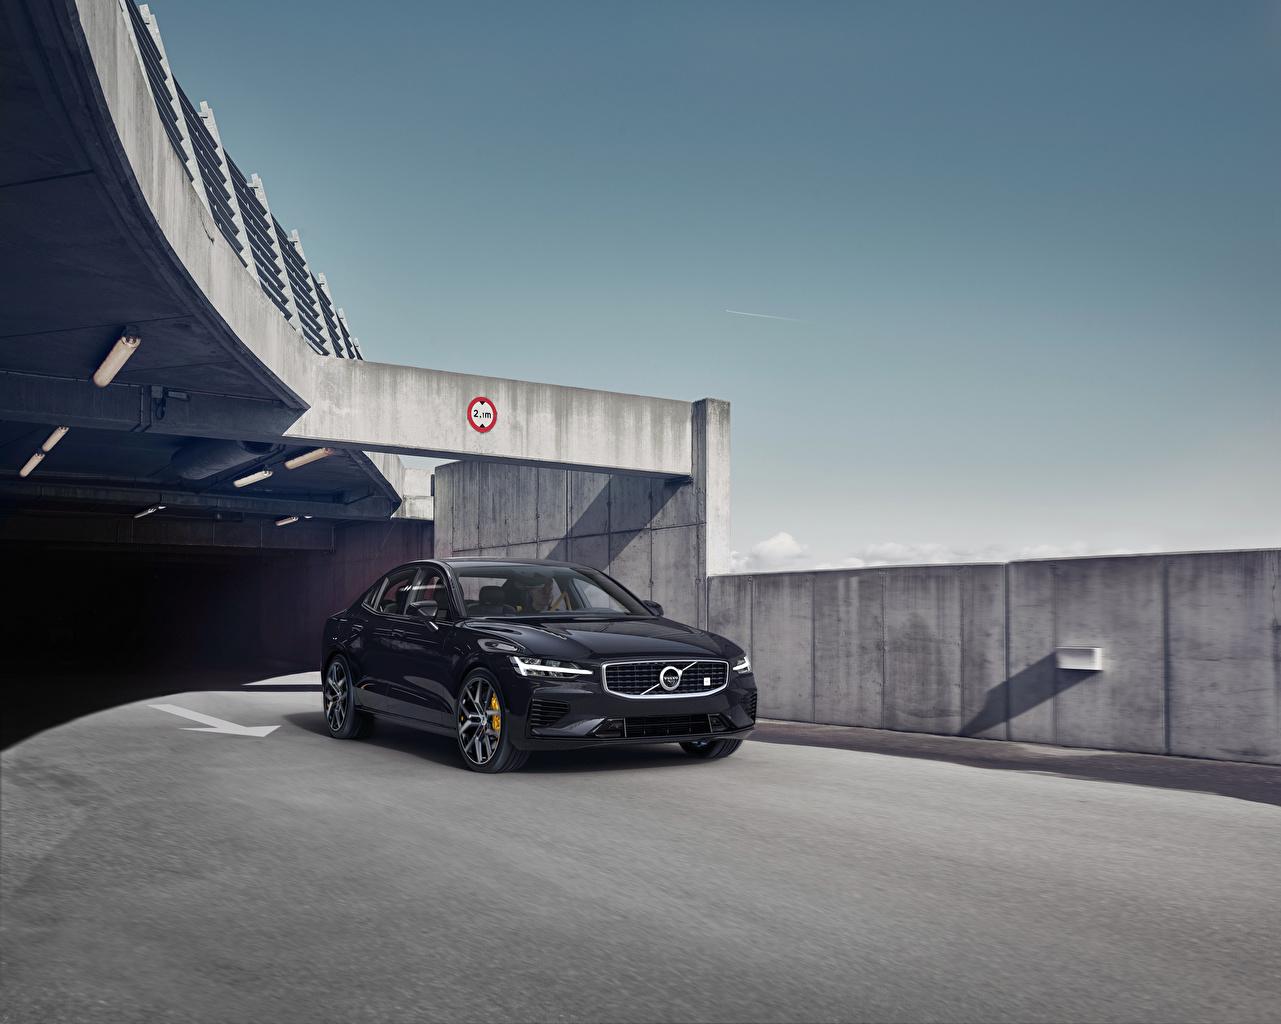 Фото Вольво 2018-19 S60 T8 Polestar Engineered черные машины Металлик Volvo черная Черный черных авто машина Автомобили автомобиль